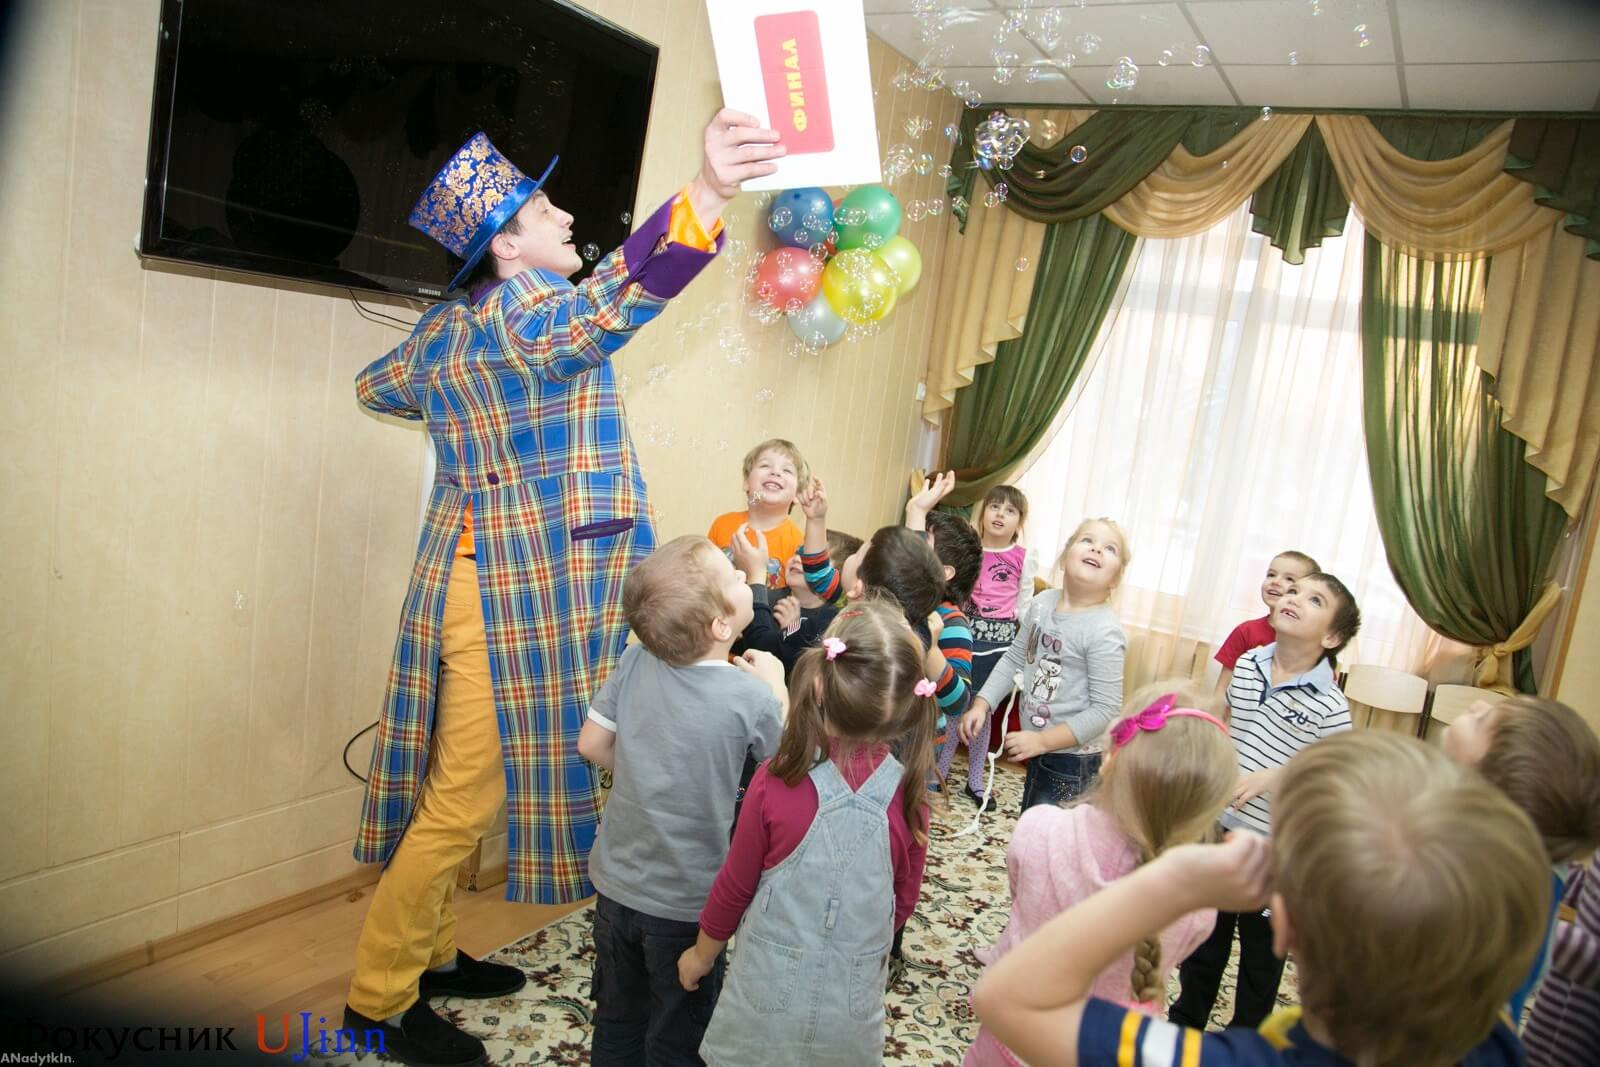 Фокусник Юджинн в детском саду 9